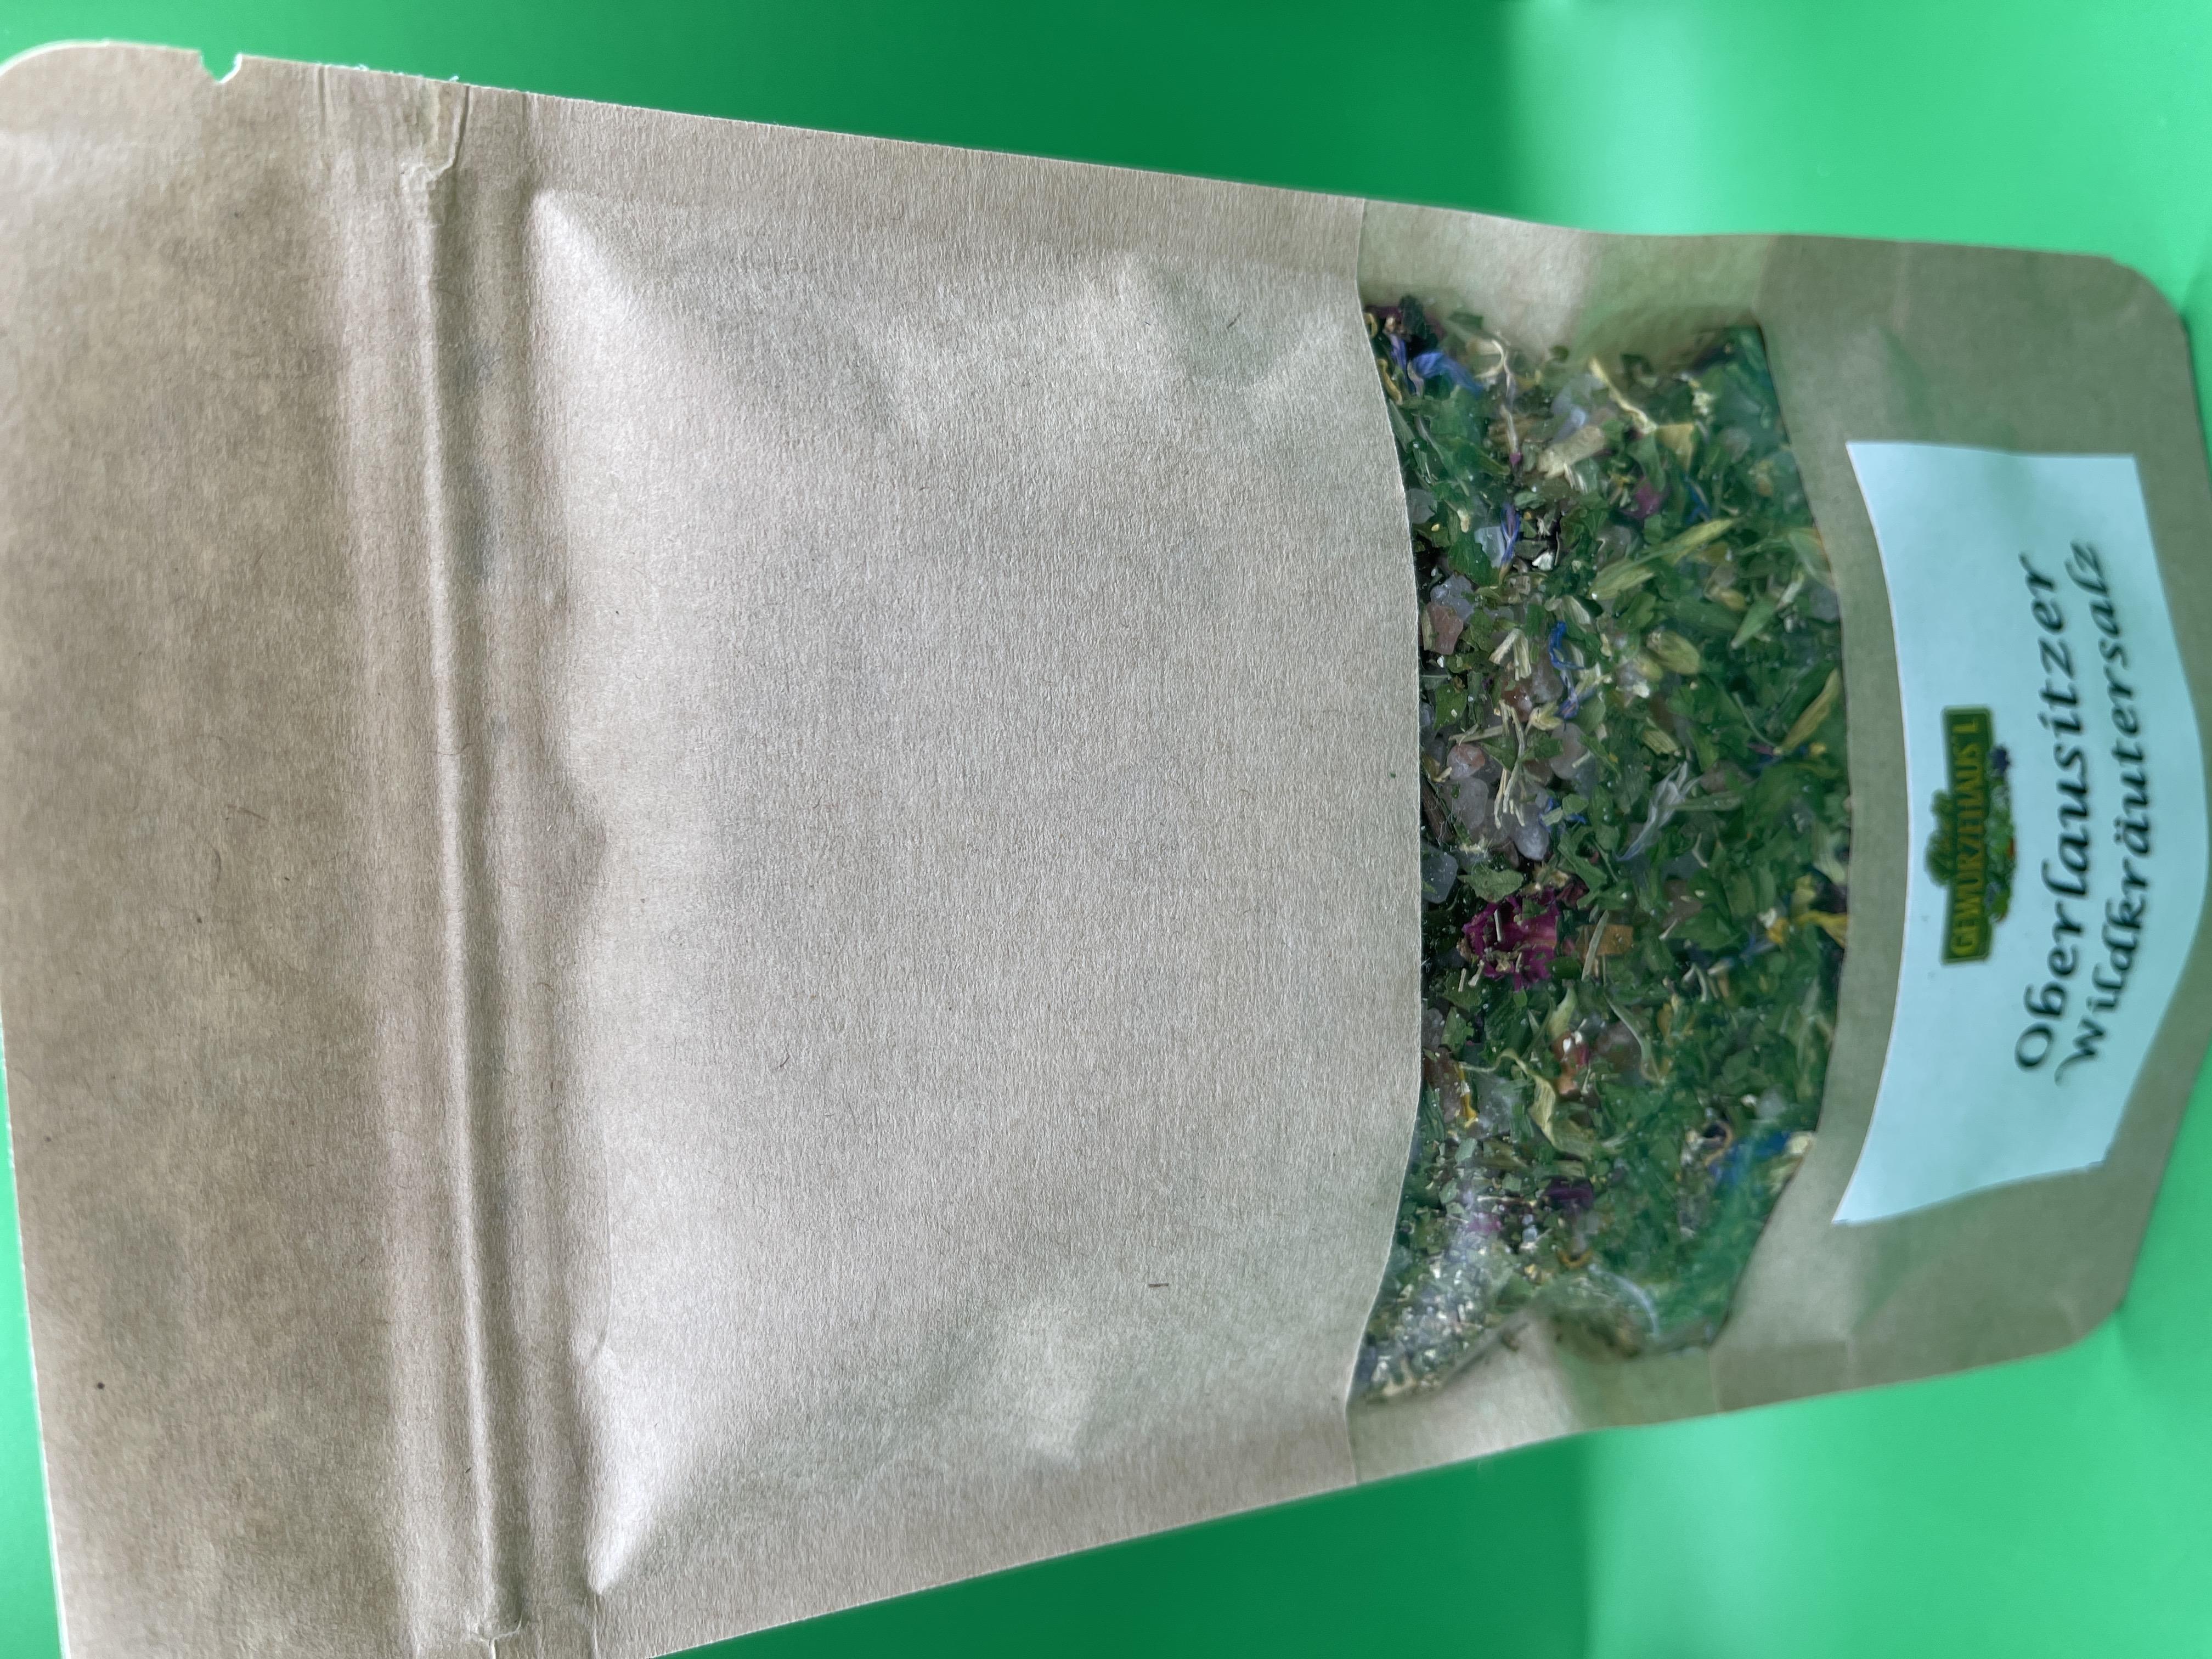 Oberlausitzer Wildkräutersalz Nachfüllbeutel 150 g